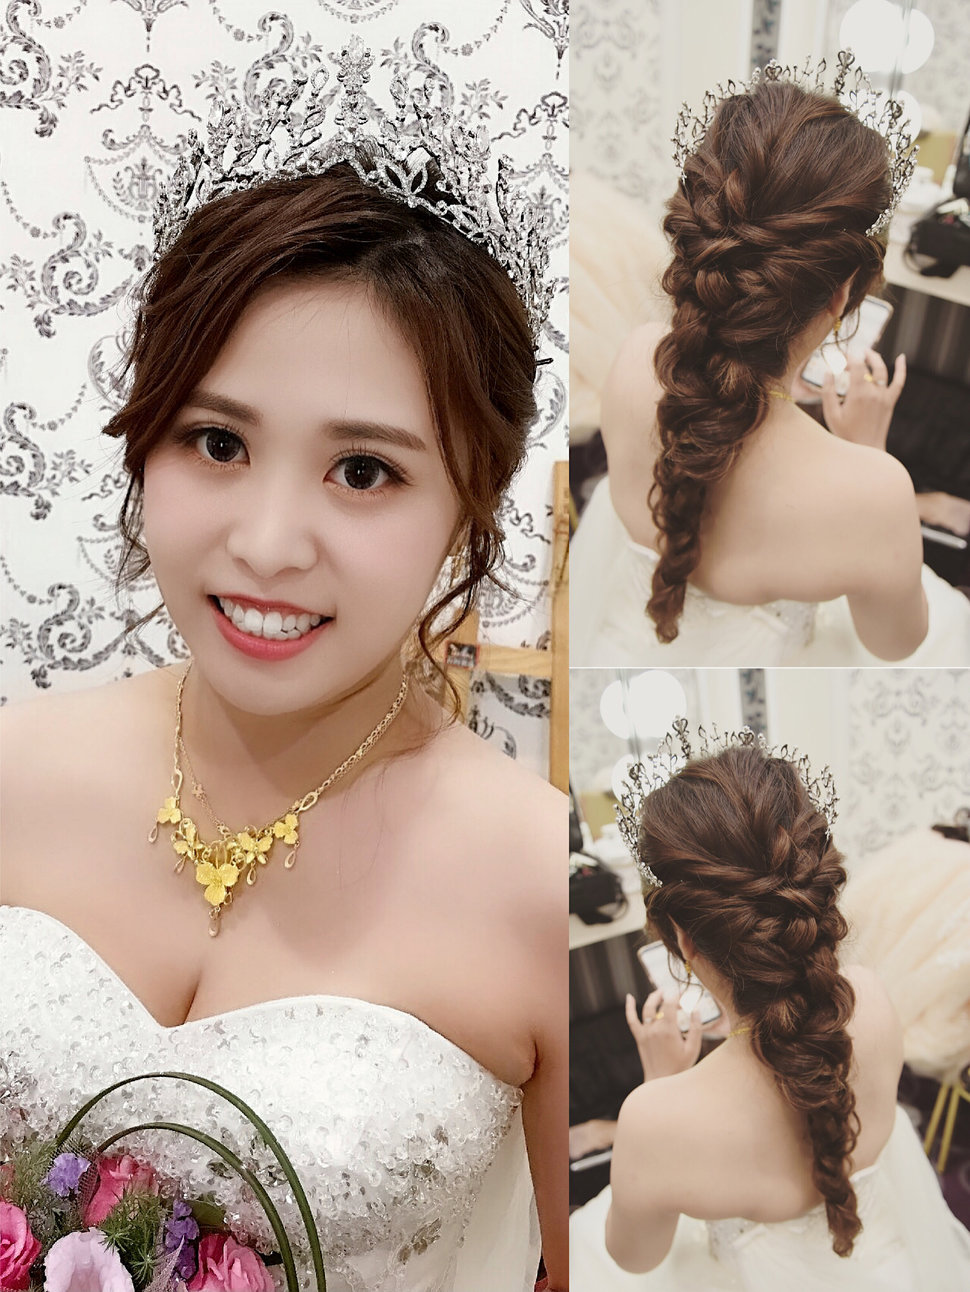 143598D4-D34A-4ED4-BE8F-B676067AEF48 - 全台新祕 銘鴻 Hong stylist《結婚吧》